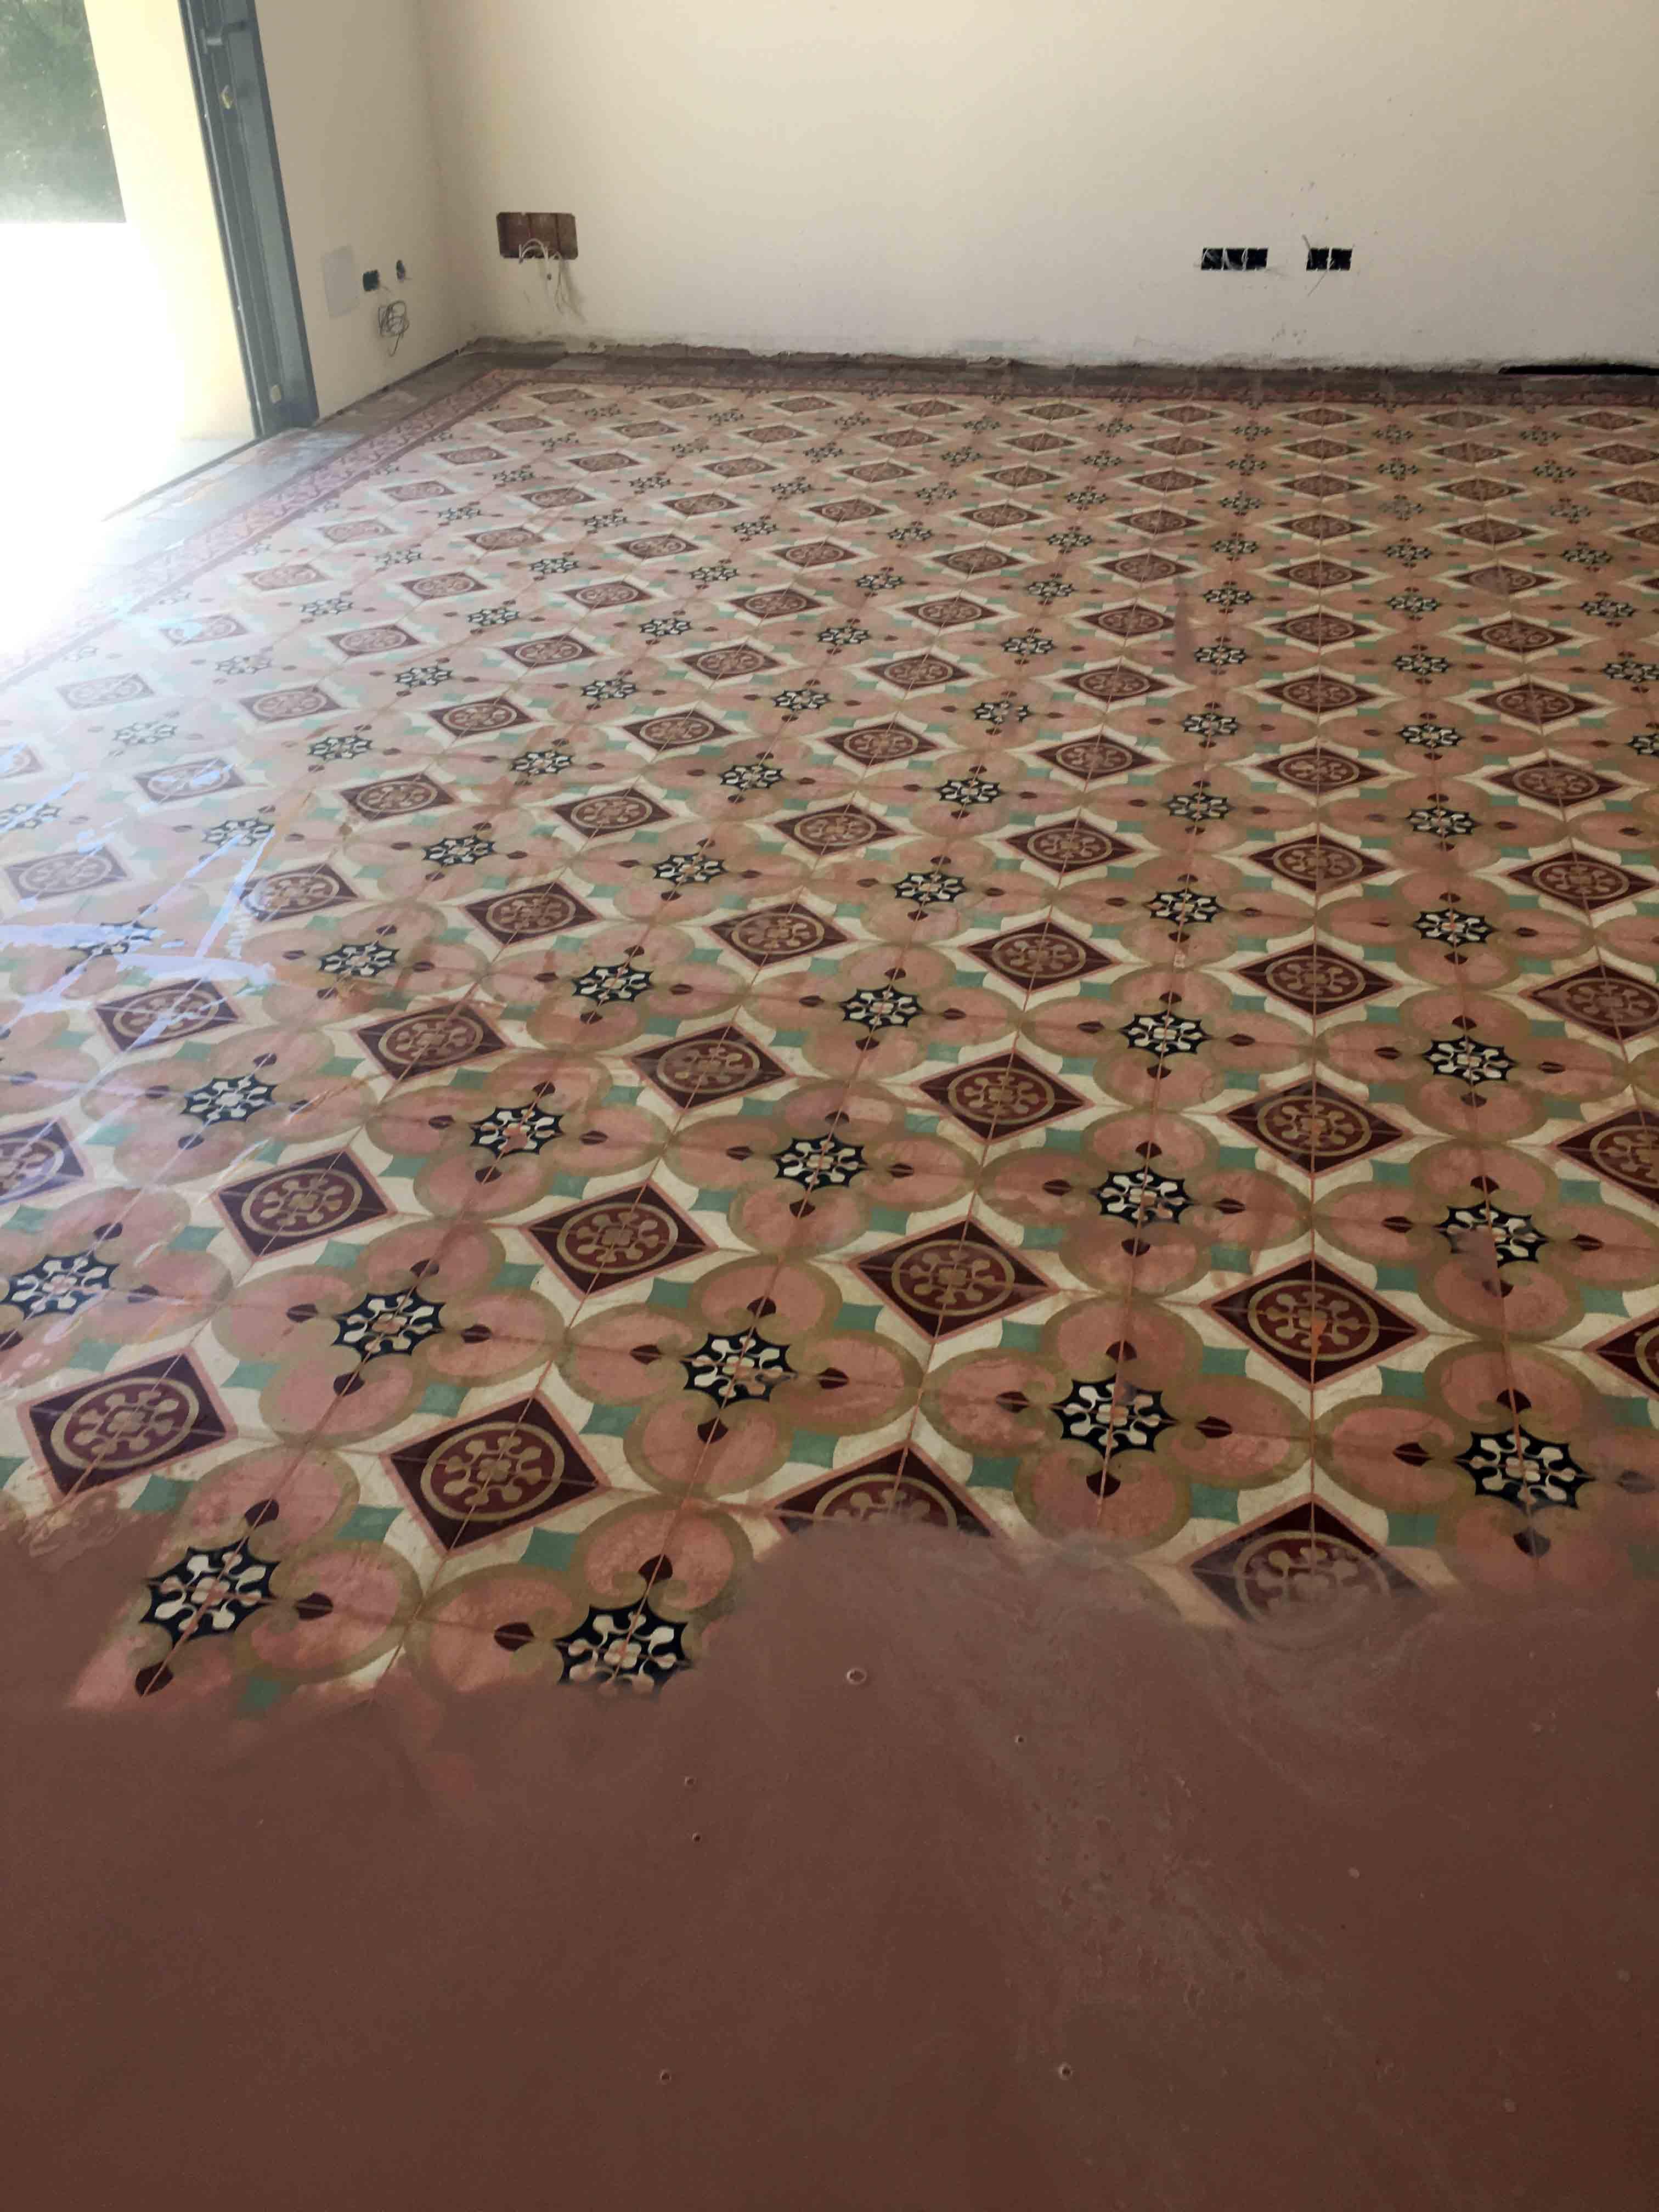 MosaicosBarcelona-Recuperacción-abrillantado-y-acristalado-de-suelos-de-mosaico-hidraulico-en-vivienda-en-Mallorca-Baleares-8